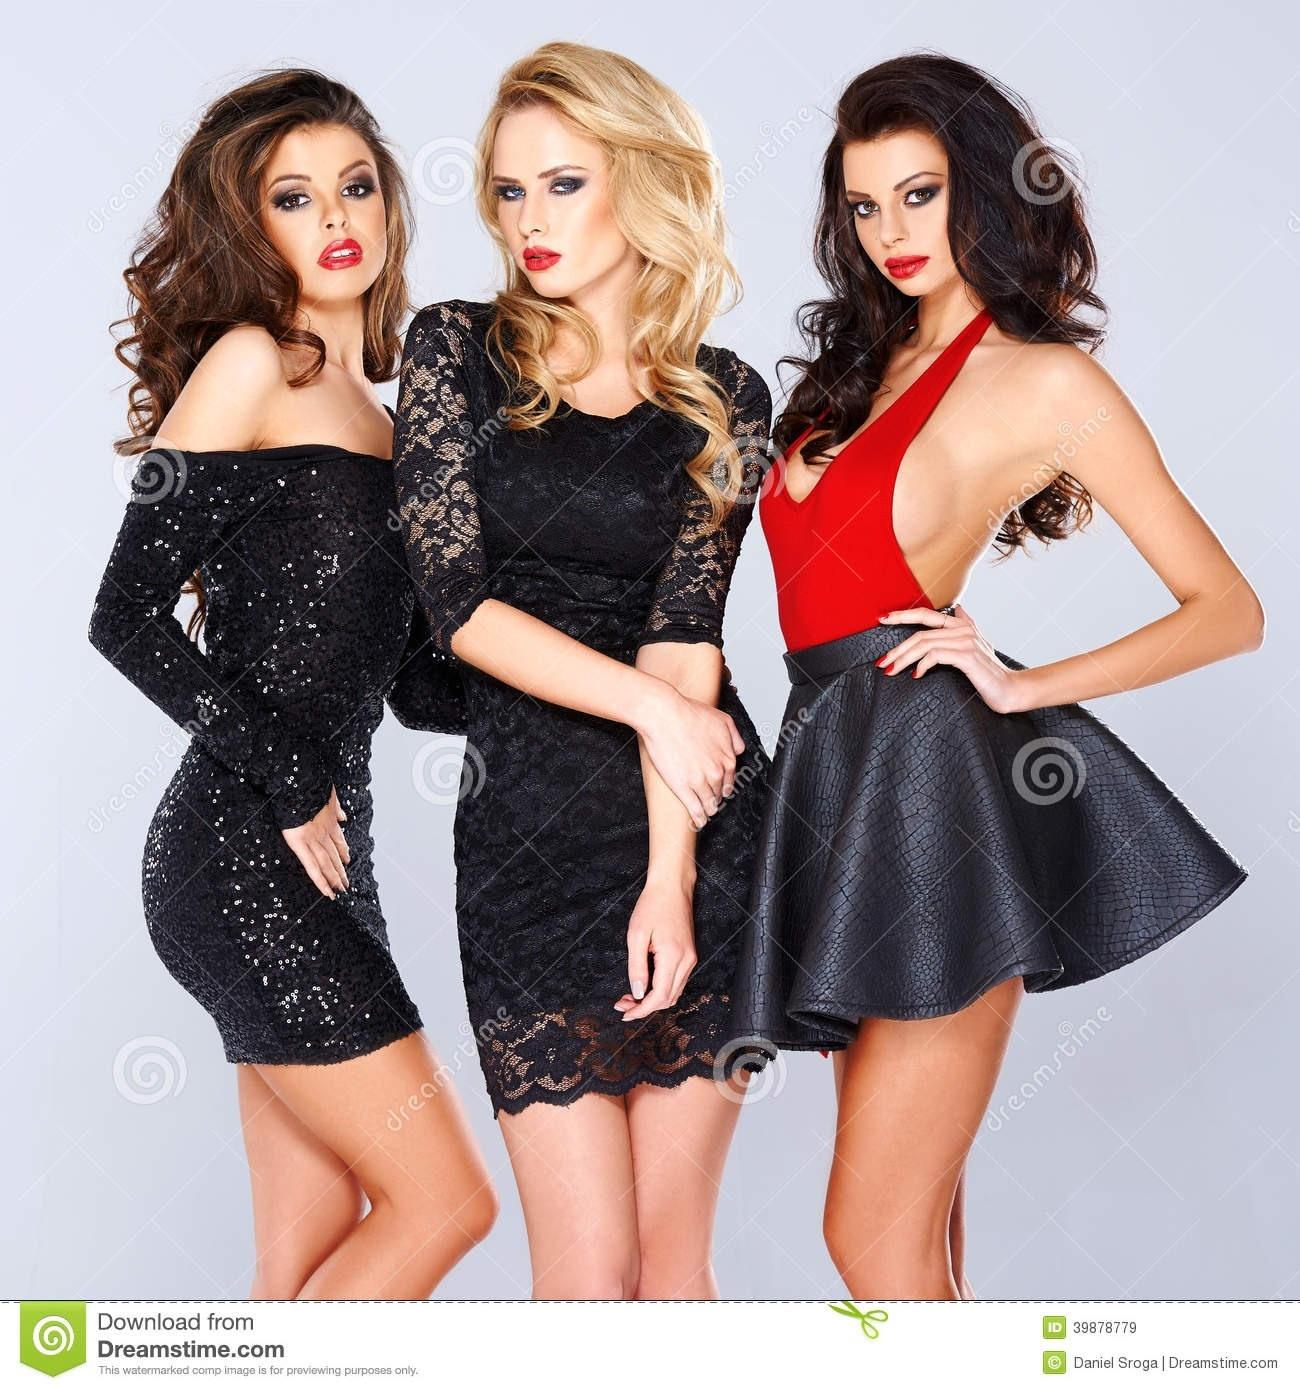 15 Einzigartig Abendbekleidung Damen Dresscode GalerieDesigner Schön Abendbekleidung Damen Dresscode für 2019